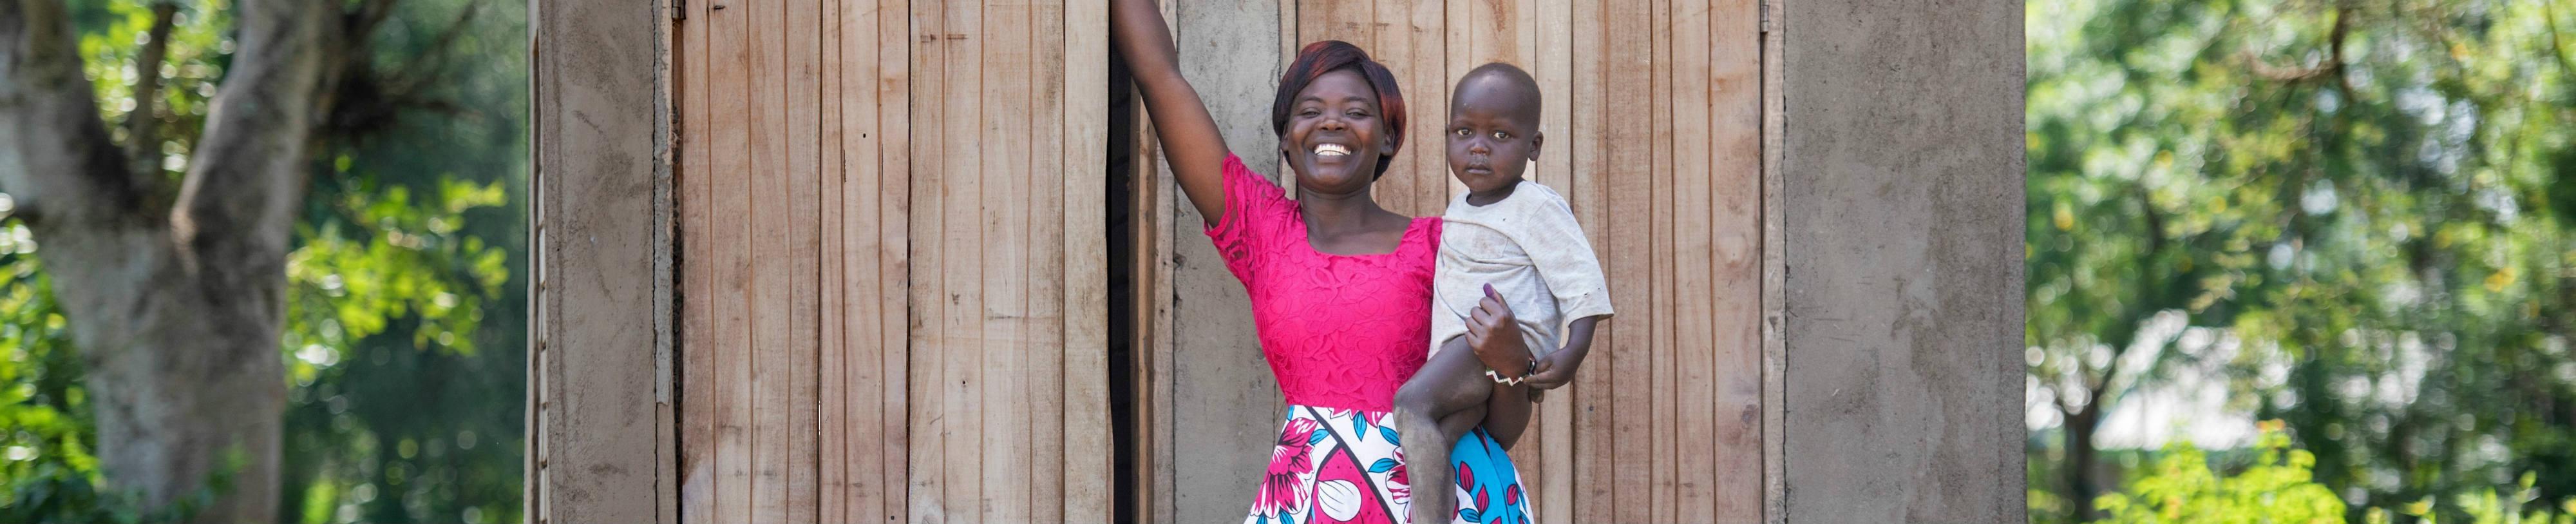 Afrikaanse vrouw is gelukkig met haar gezonde baby